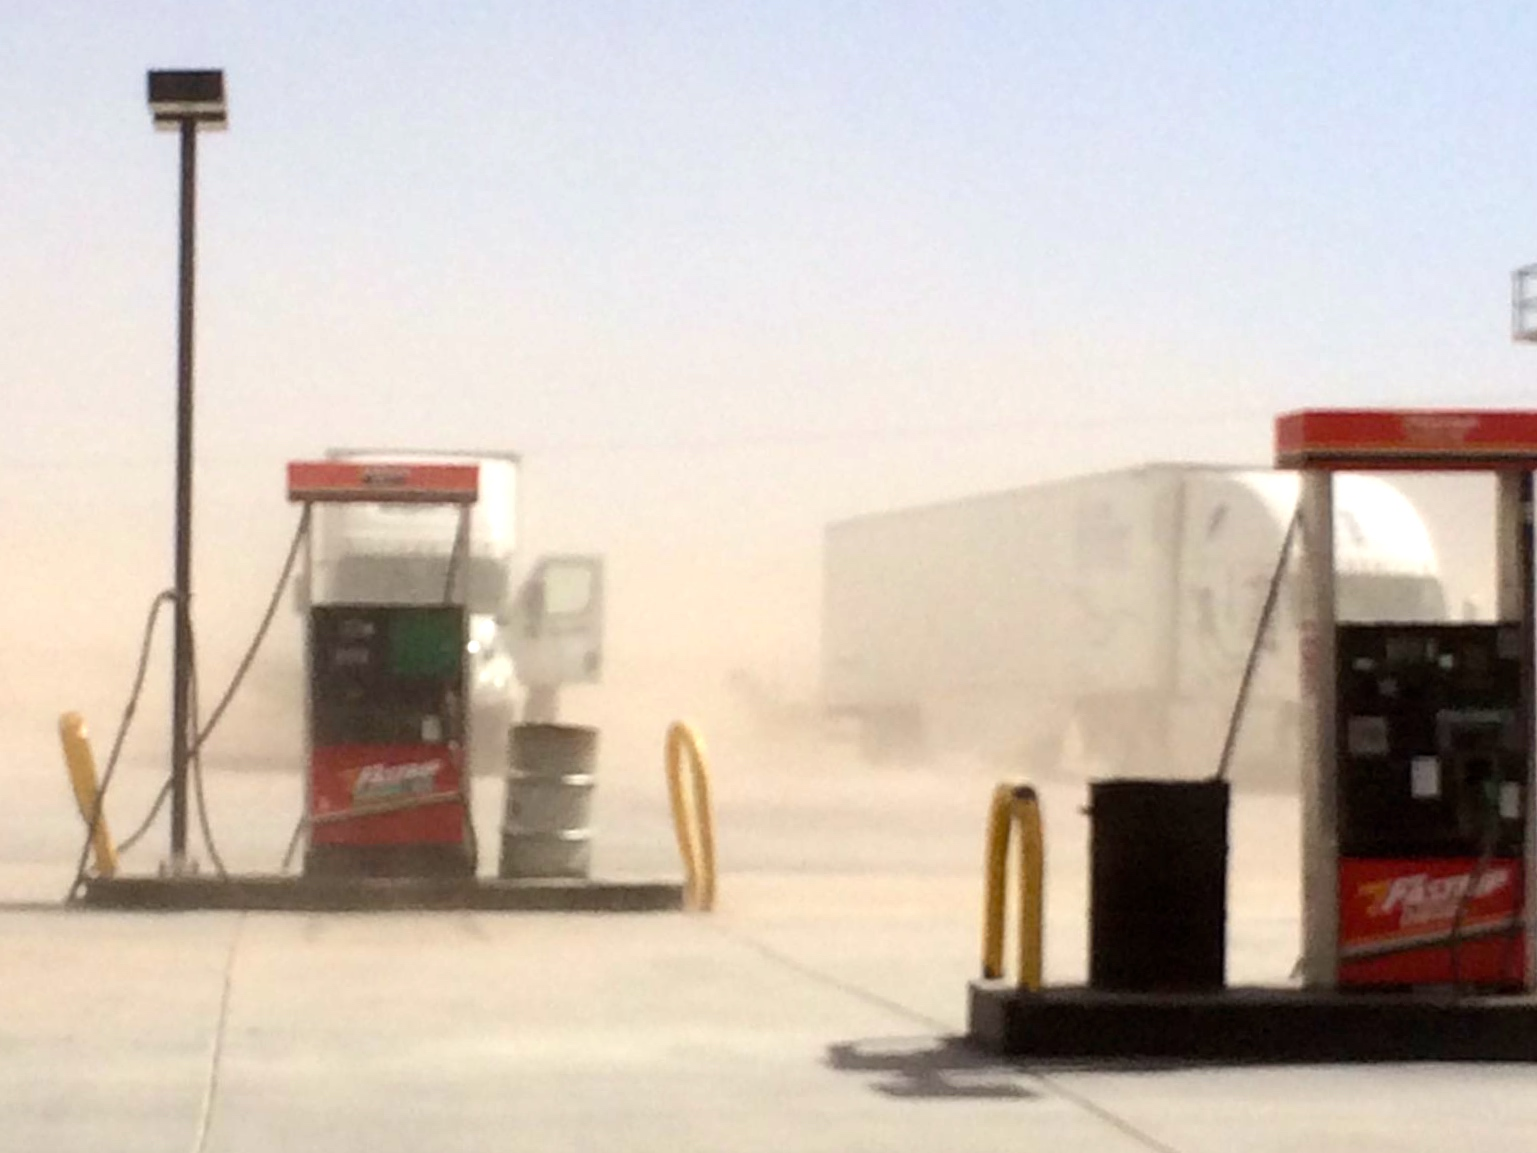 Amargosa Valley bensiksellä on pölyä ilmassa.